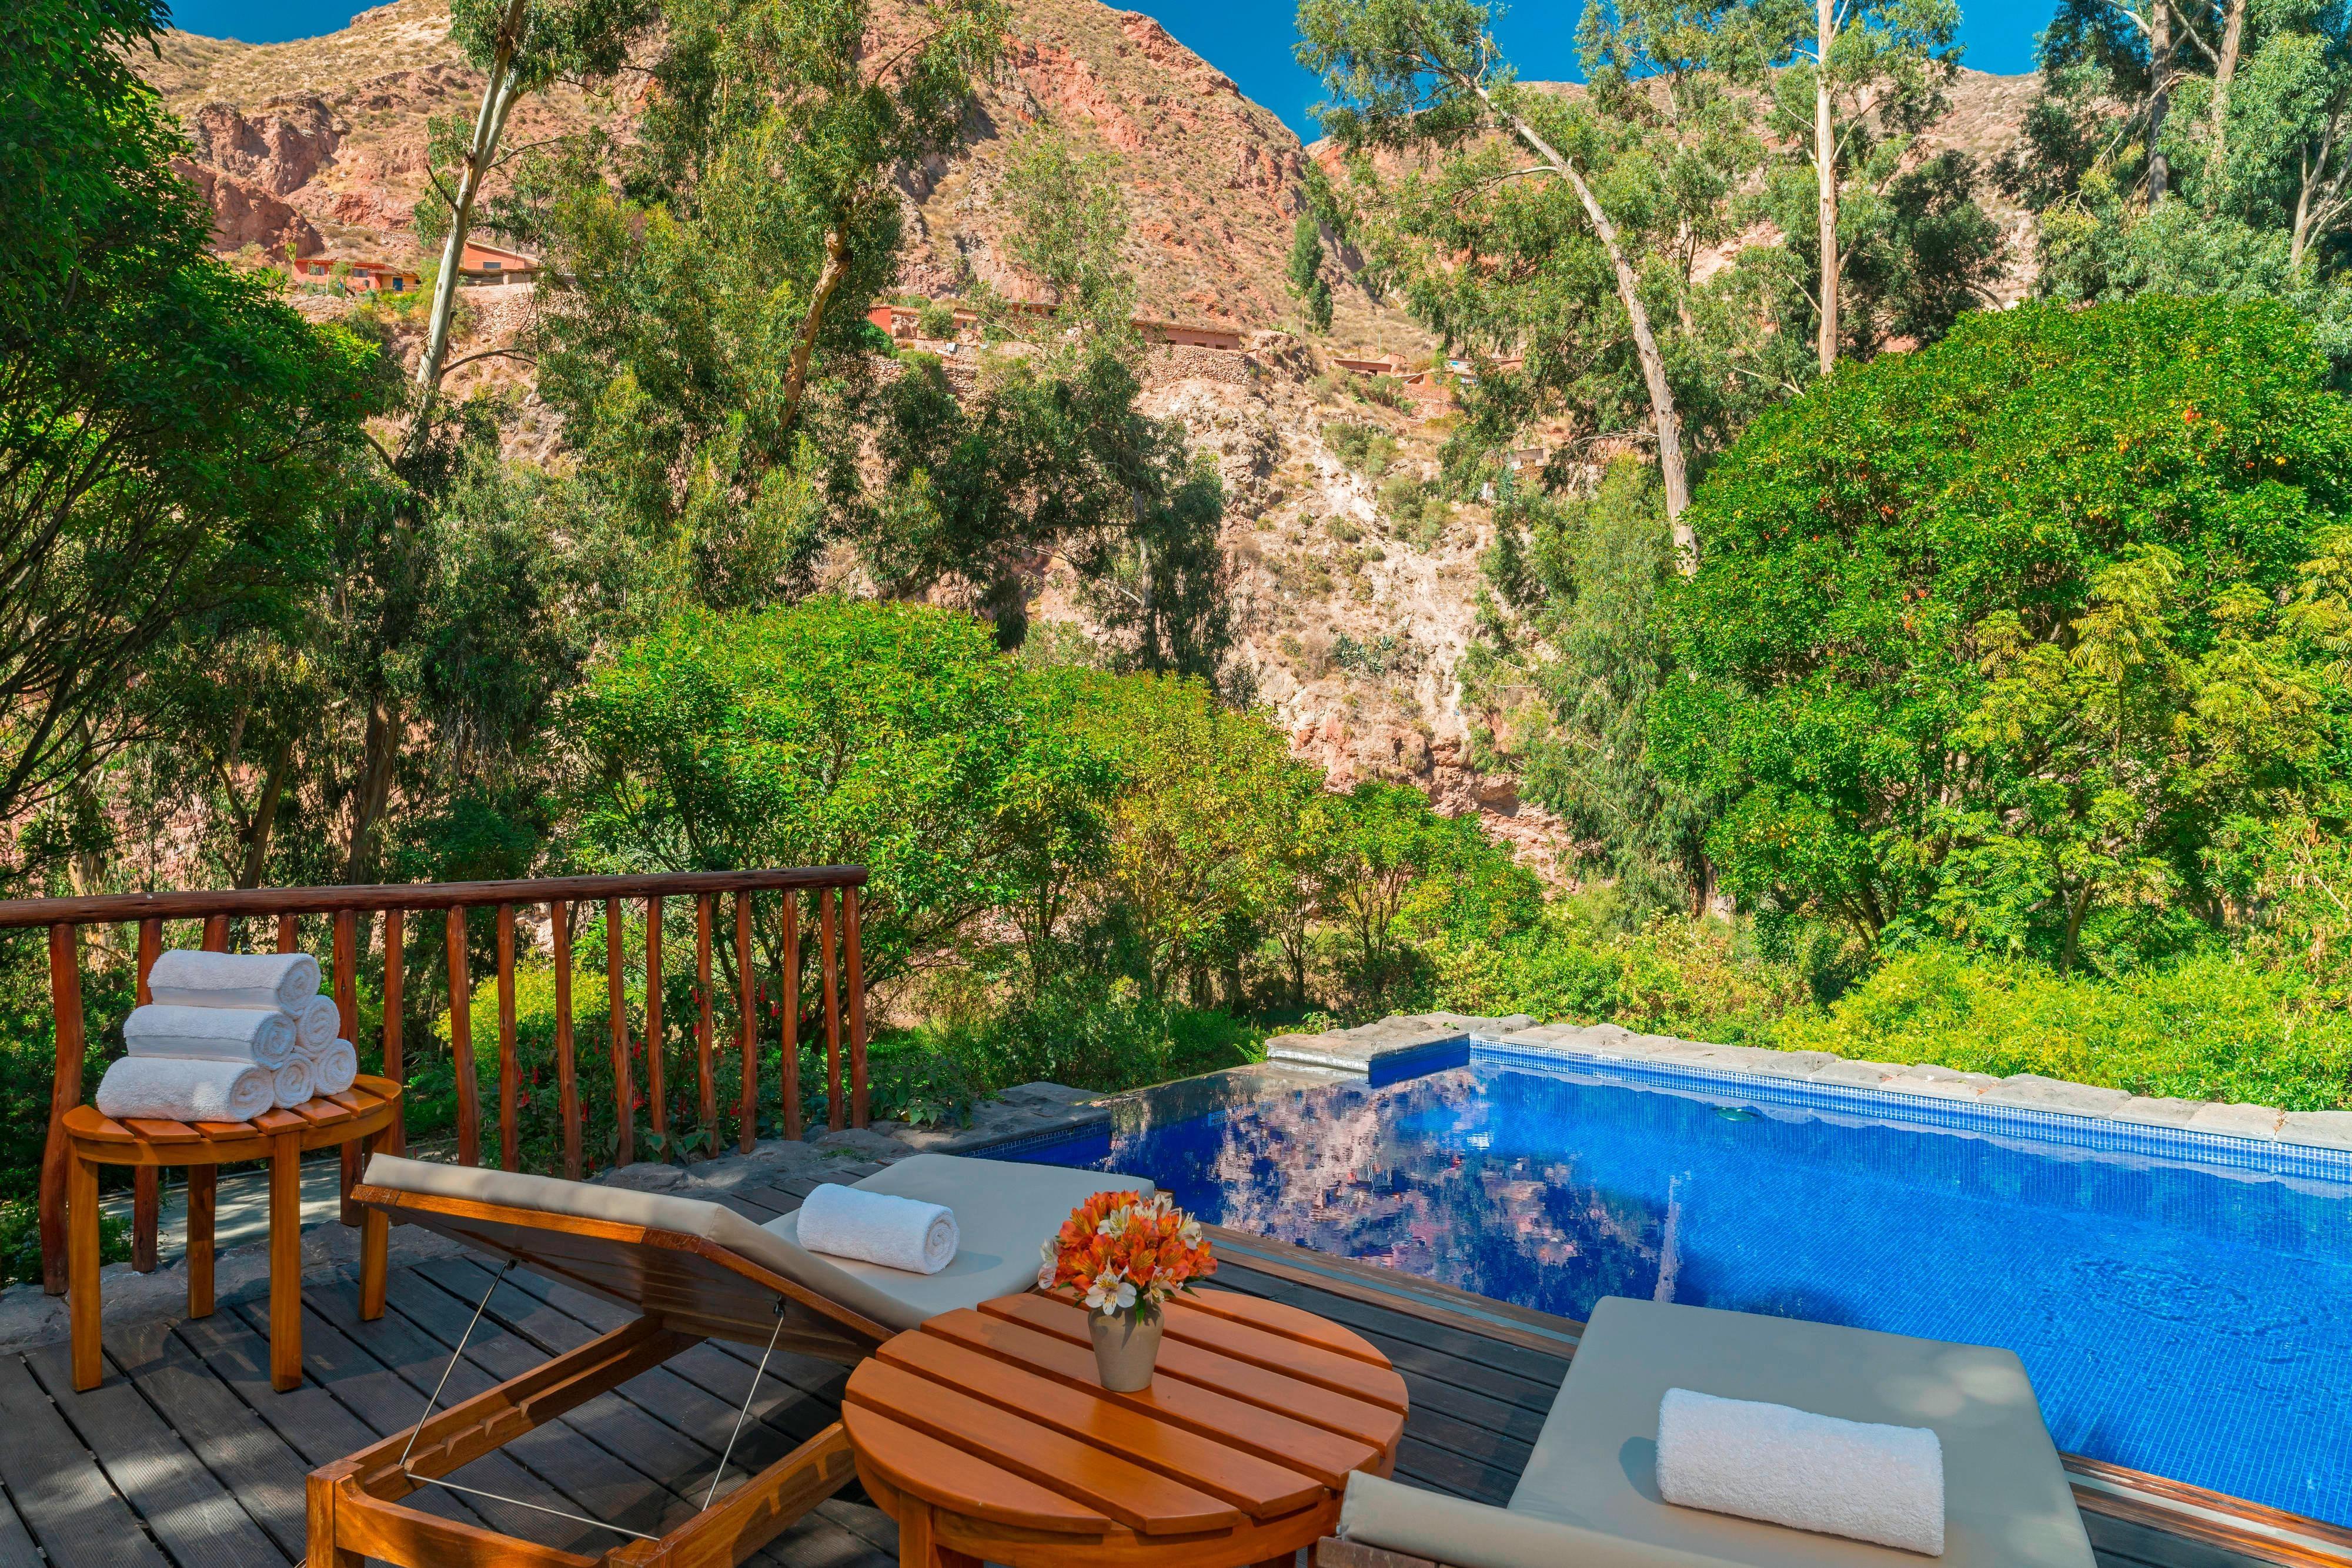 Outdoor Pool Terrace